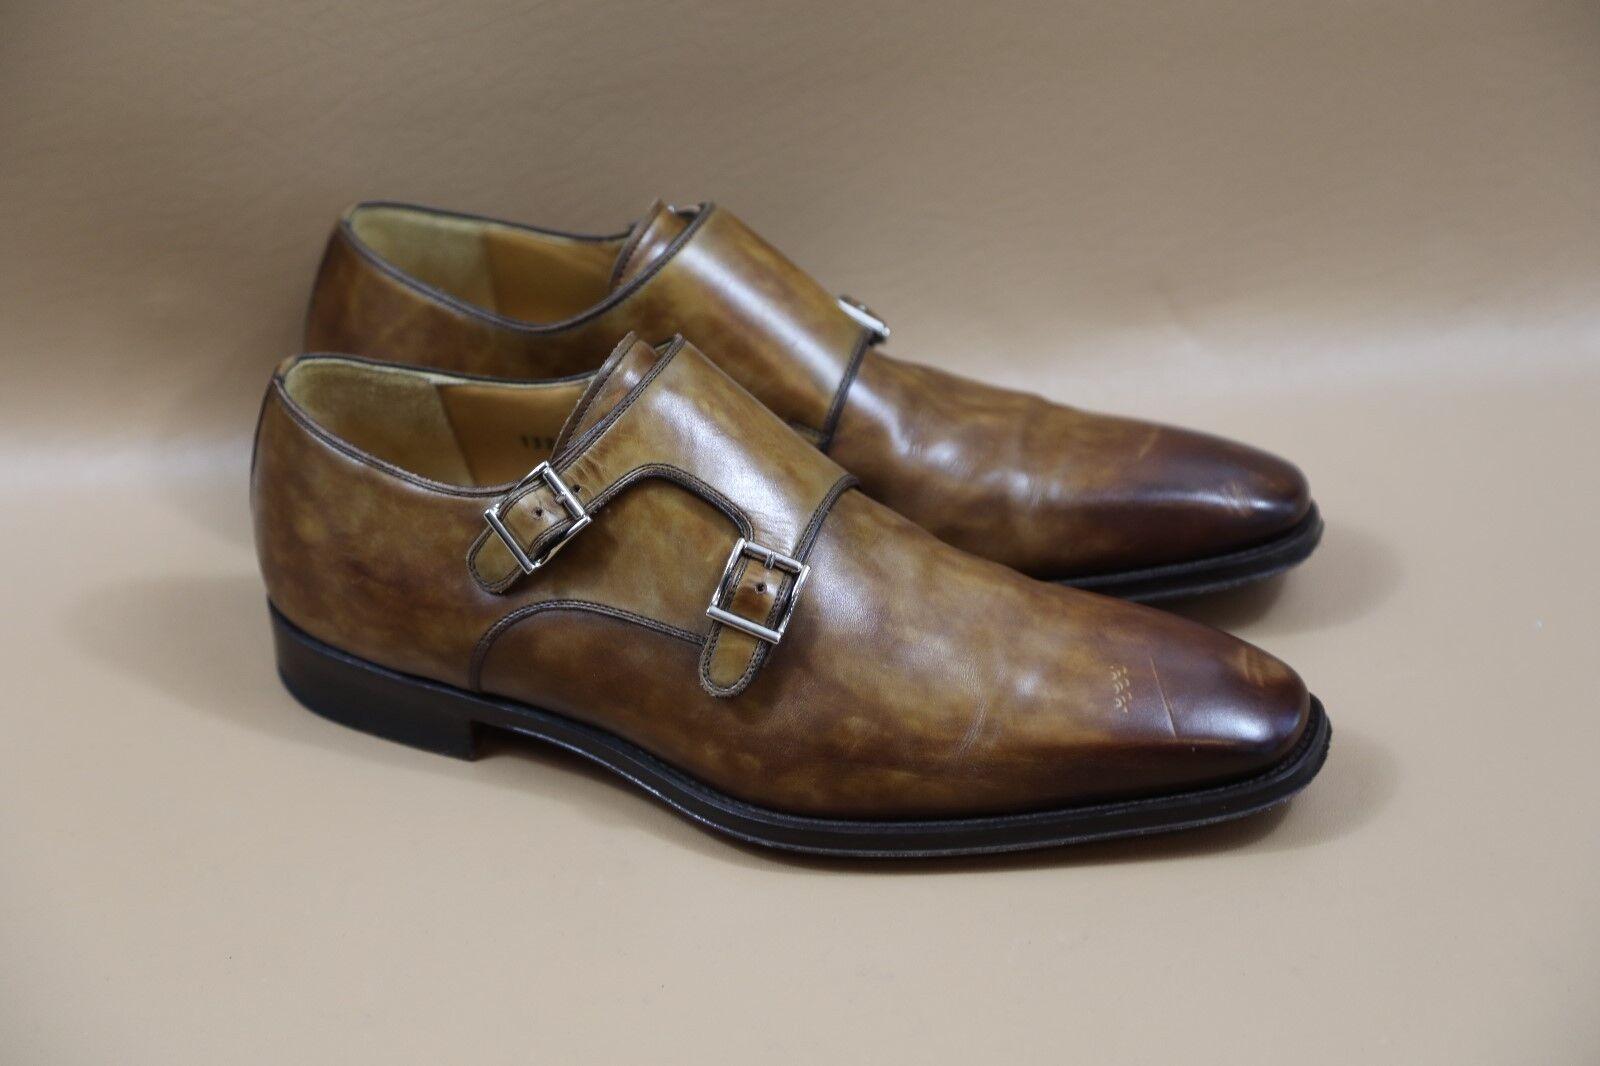 Magnanni 'Miro' Double Monk Strap shoes Size 8.5